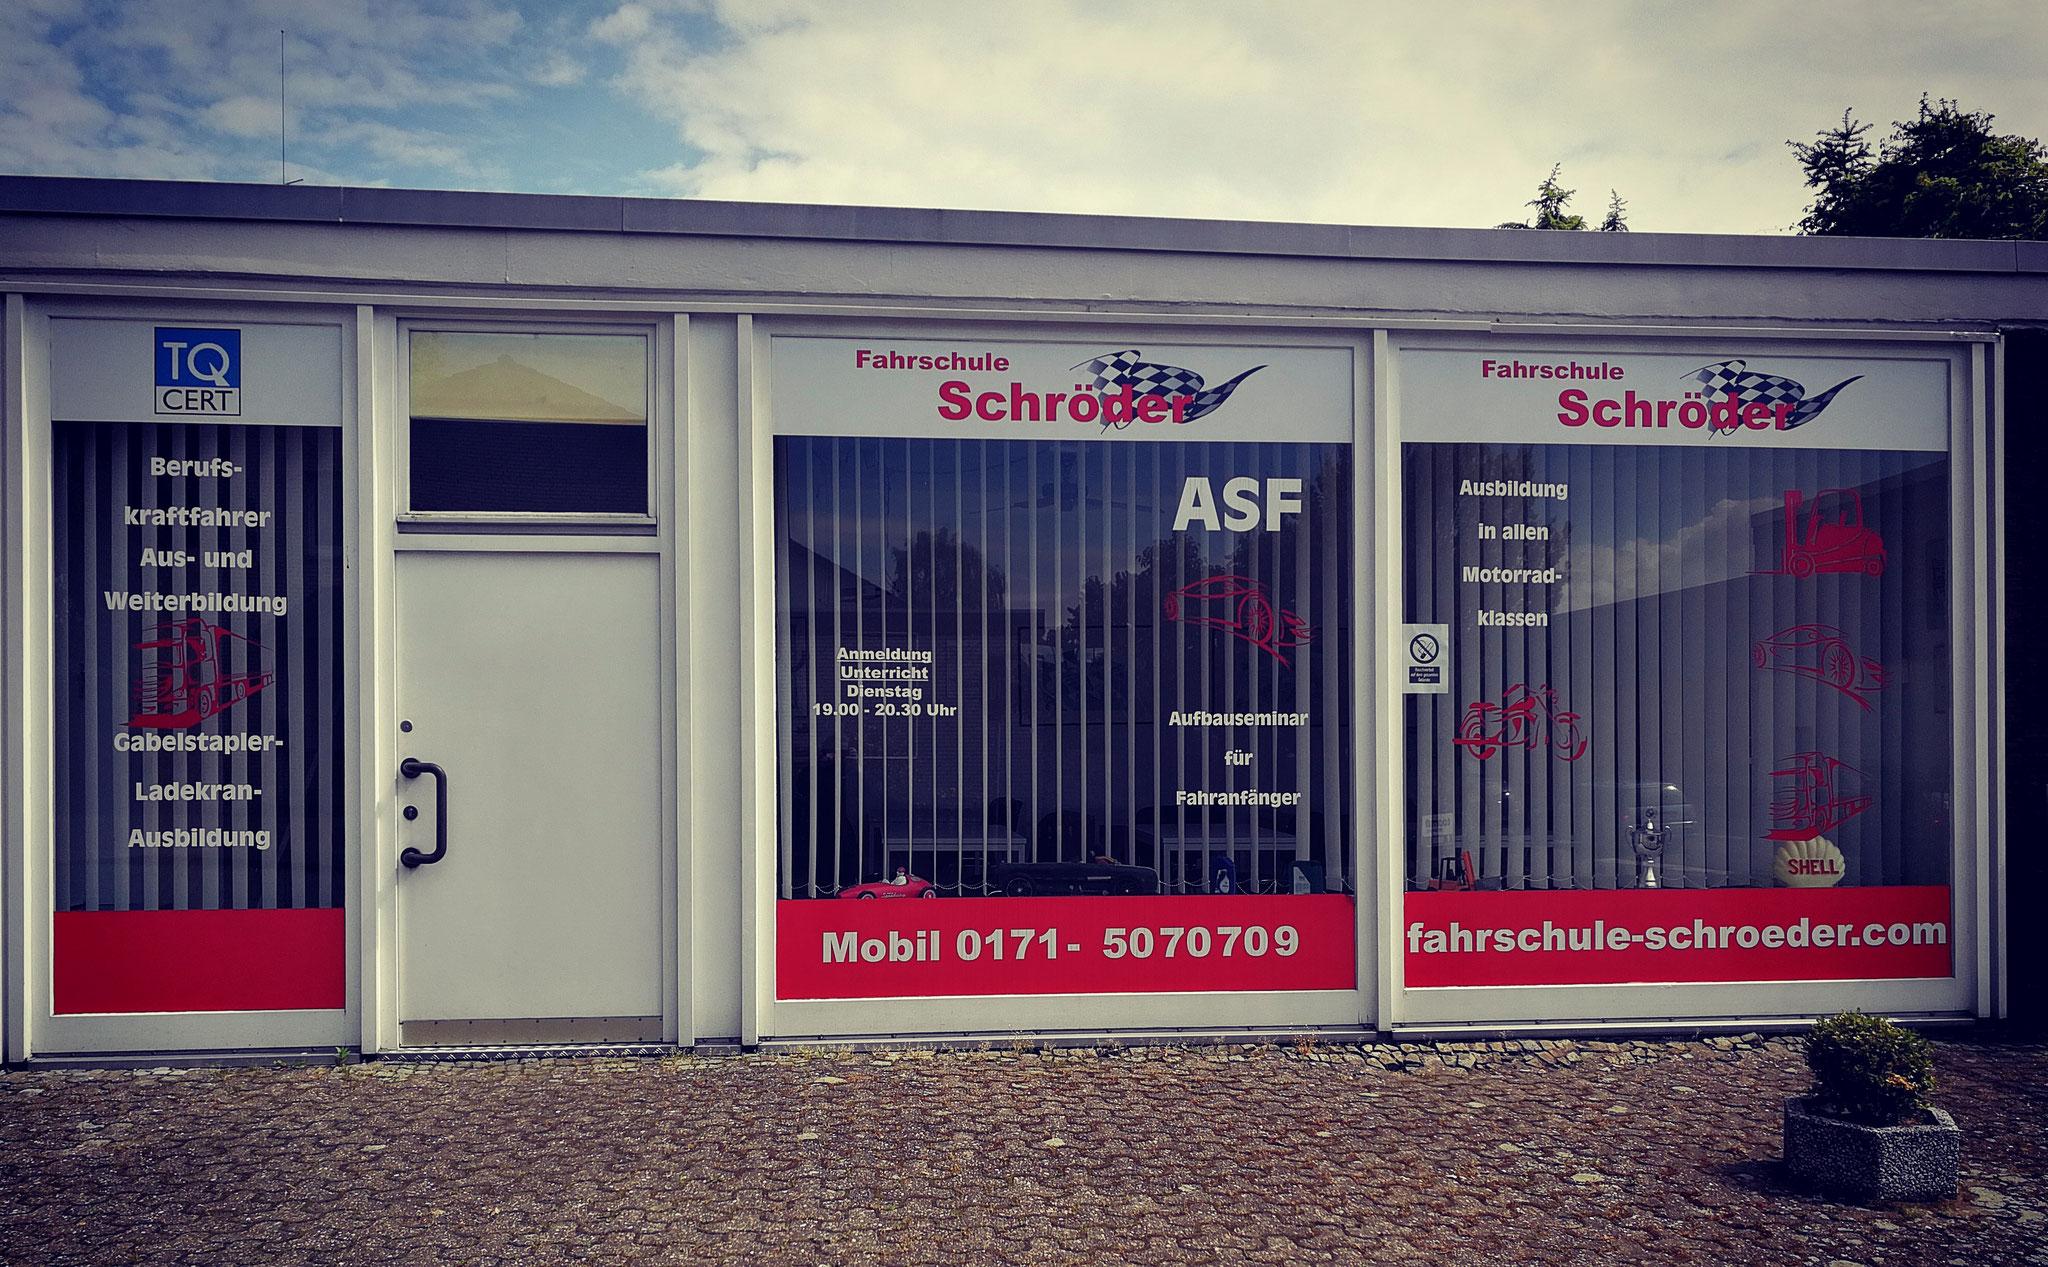 Unsere Fahrschule in Bünde. Du findest uns aber auch in der Umgebung!